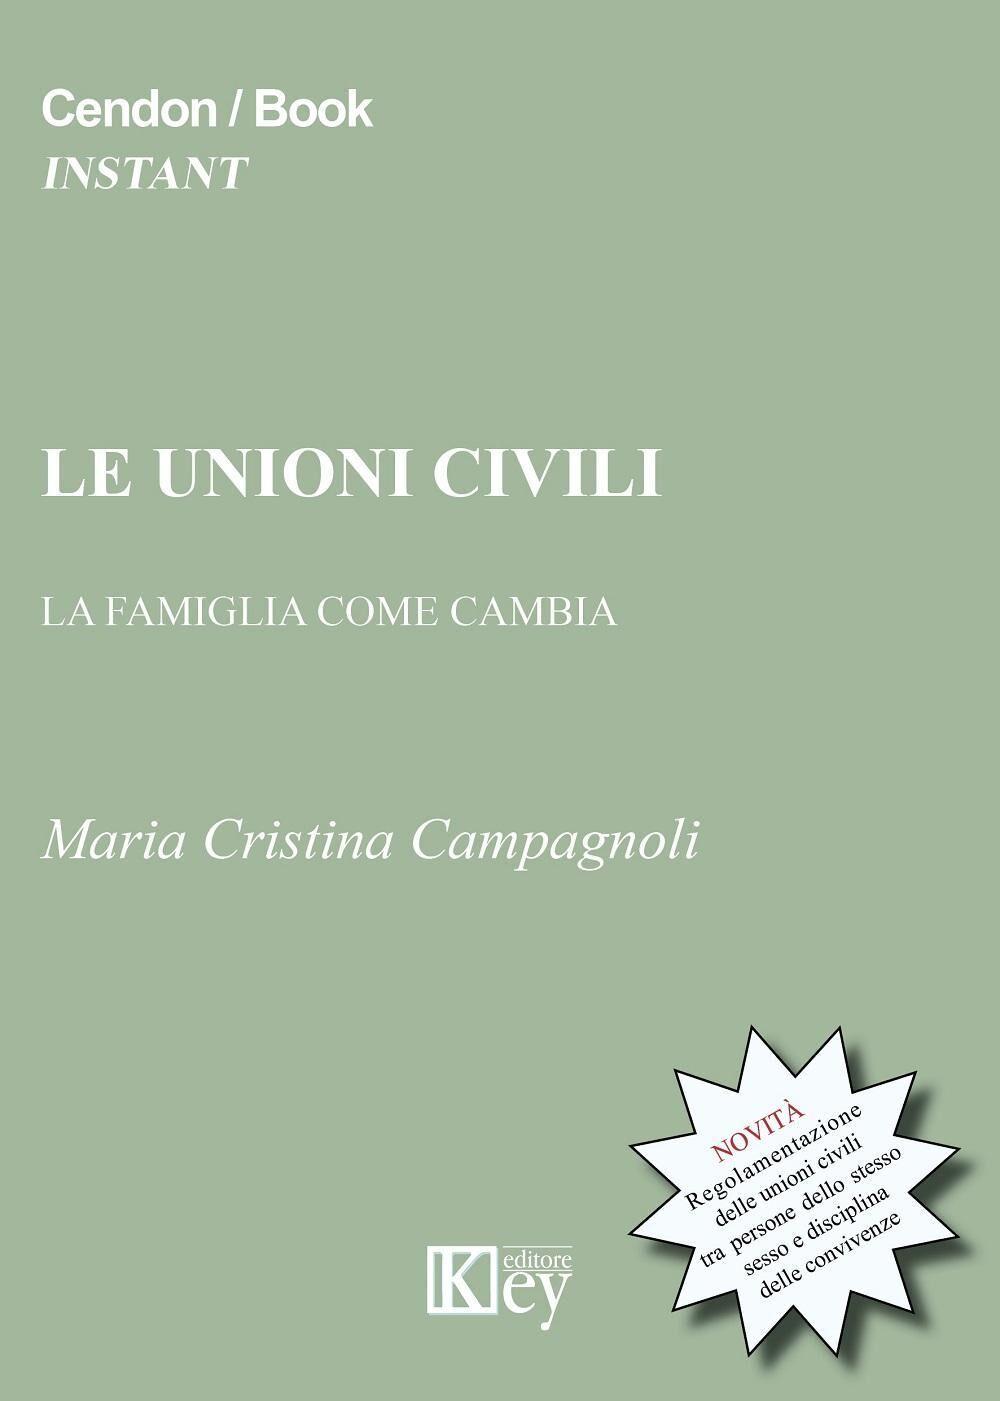 Le unioni civili. La famiglia che cambia